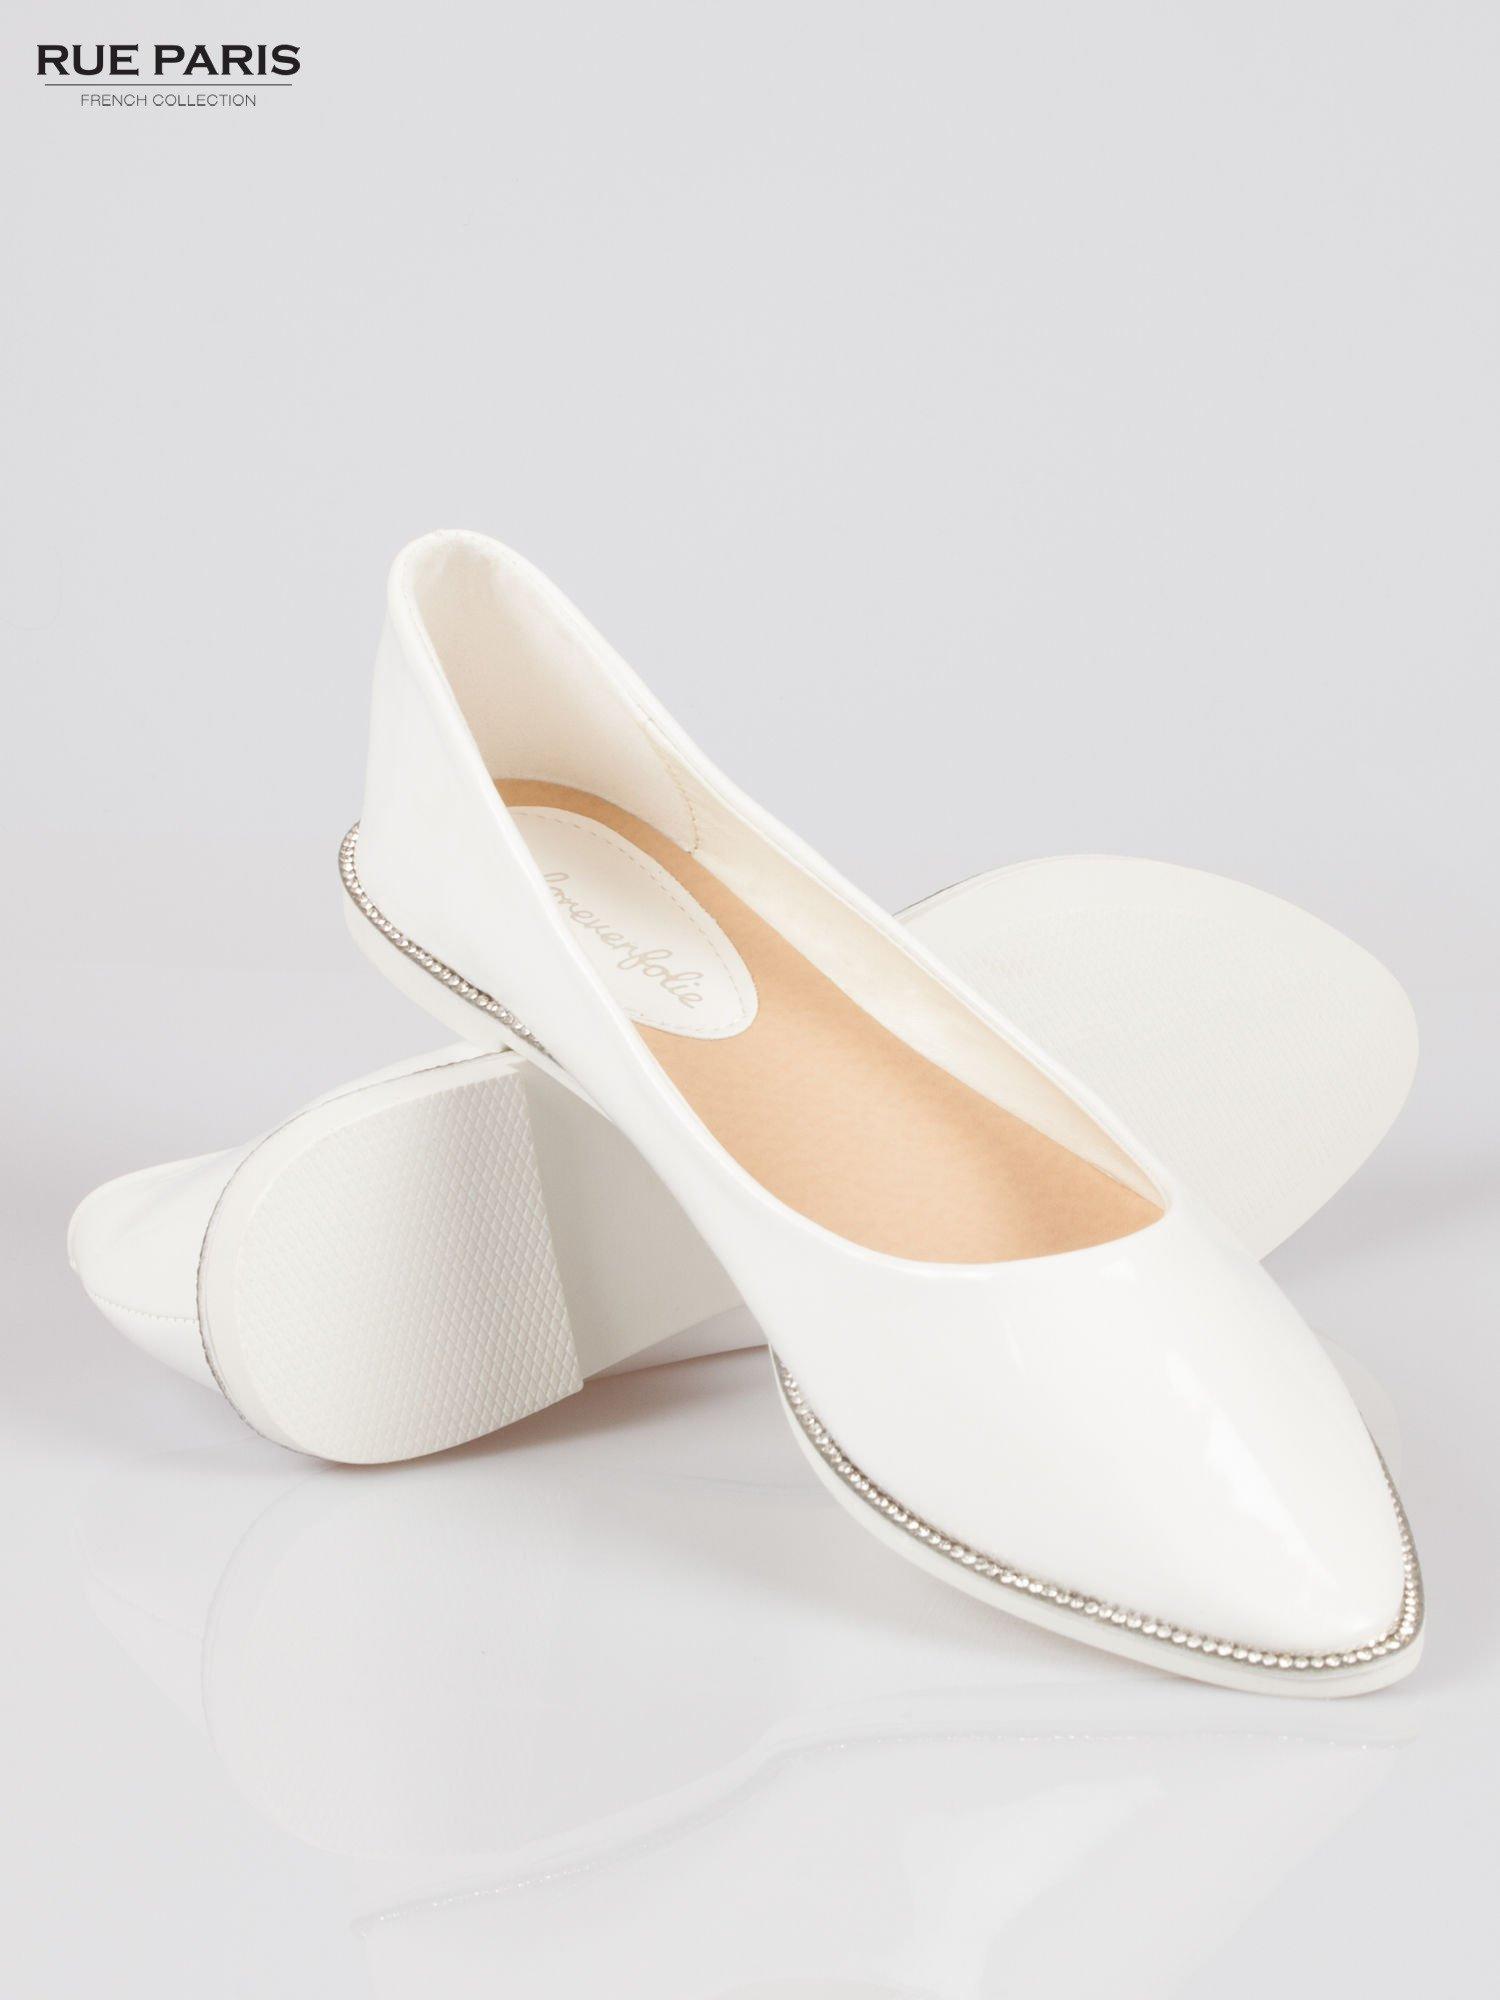 Białe lakierowane baleriny faux polish leather z metalicznym otokiem                                  zdj.                                  4